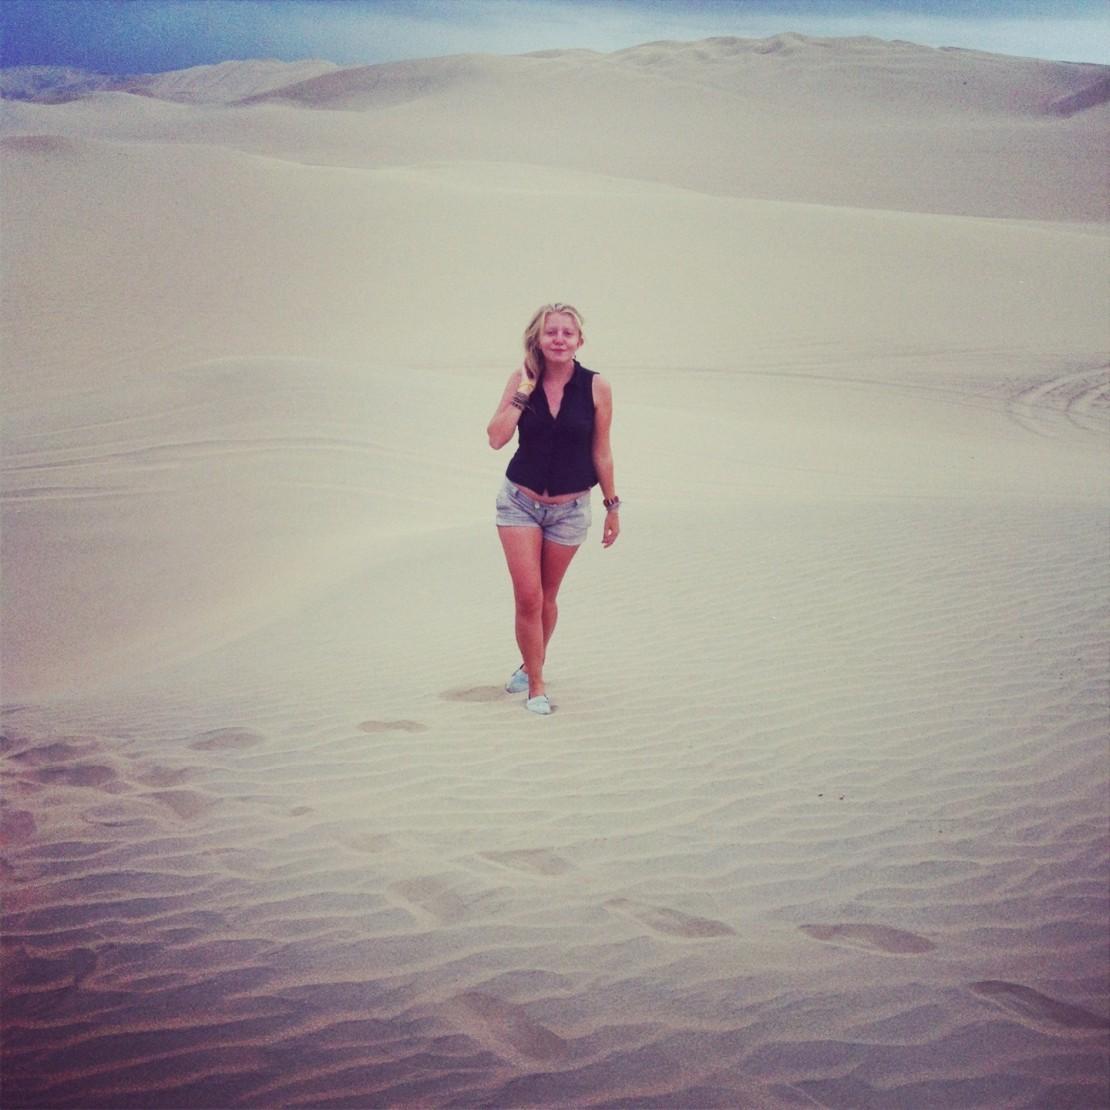 Перу: курортный оазис в пустыне